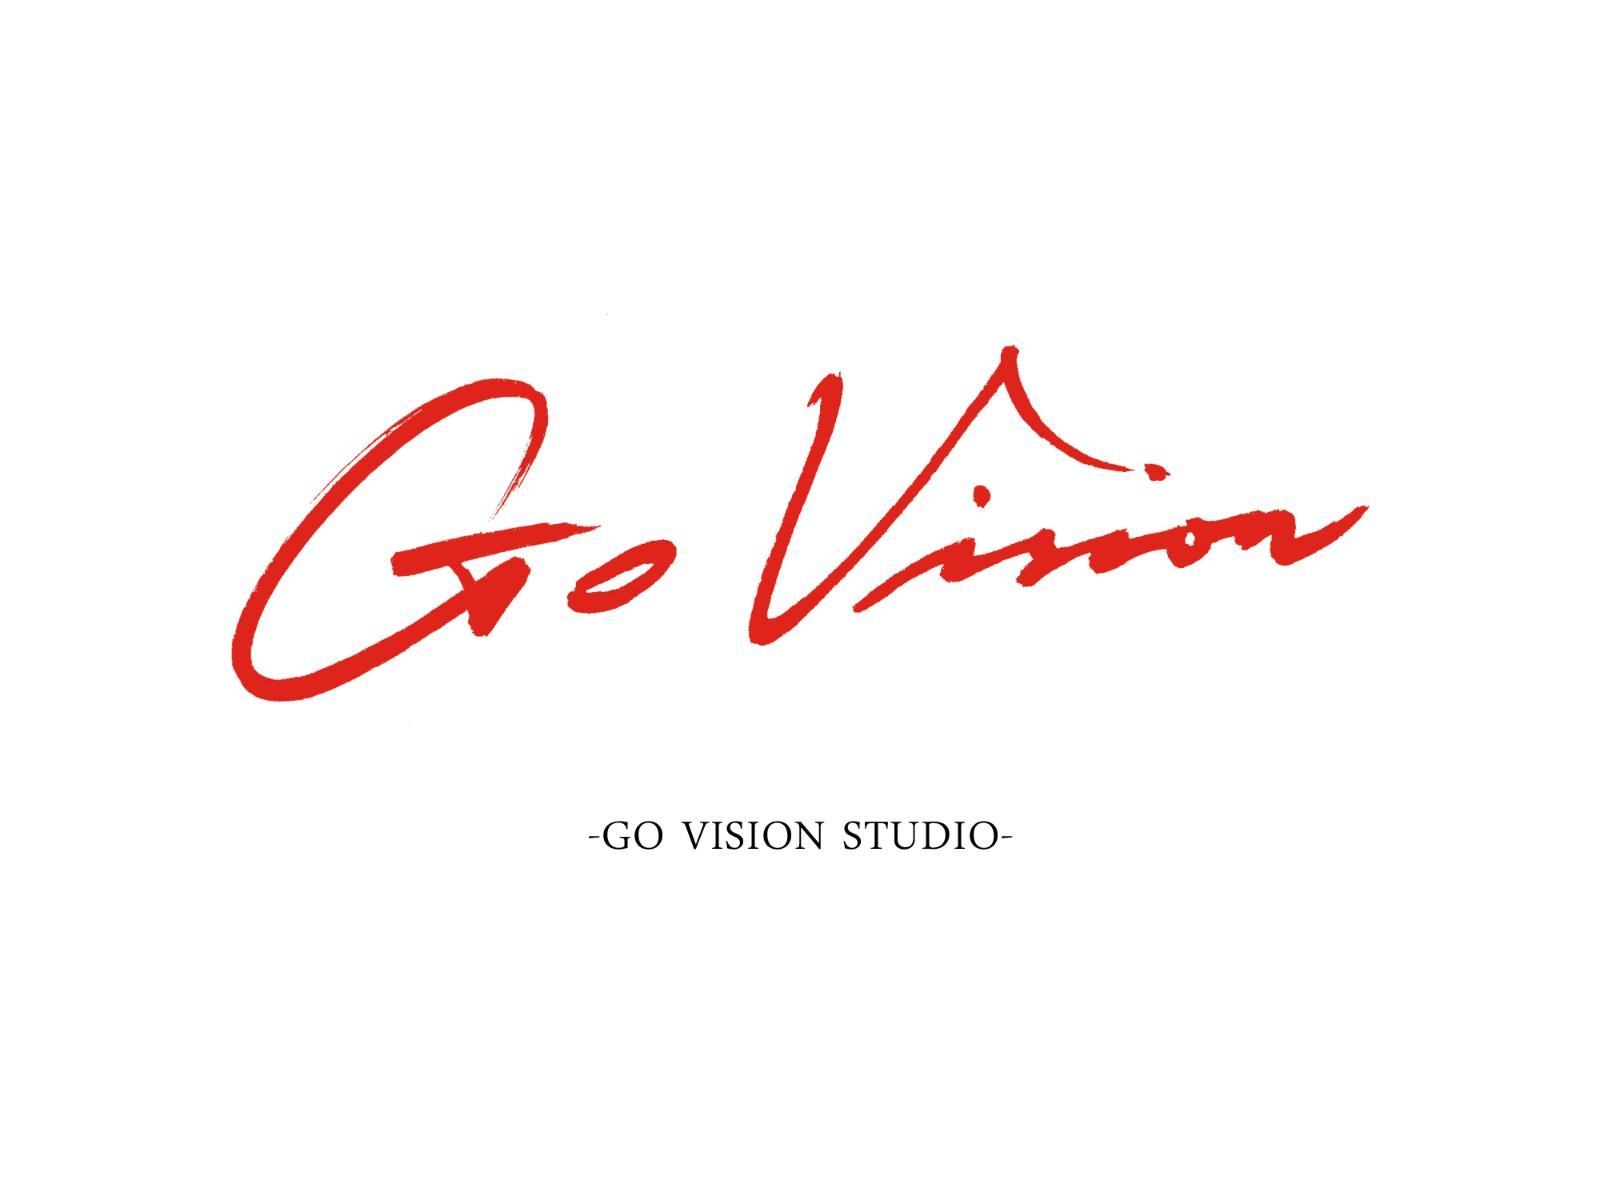 logo logo 标志 设计 矢量 矢量图 素材 图标 1600_1200